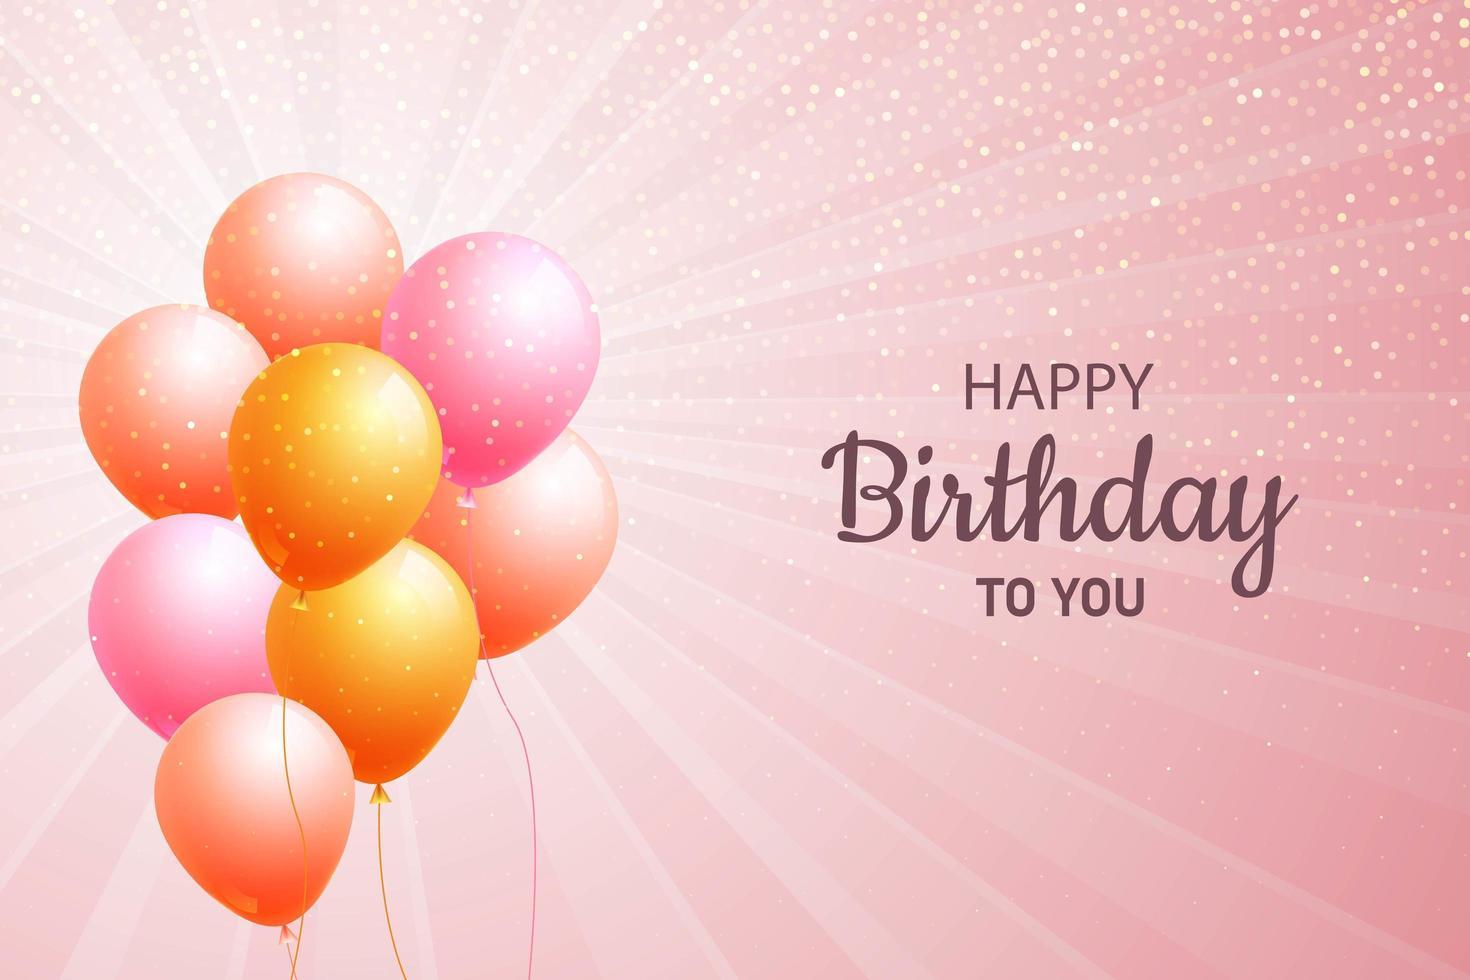 gelukkige verjaardag ballonnen kaart roze achtergrond vector